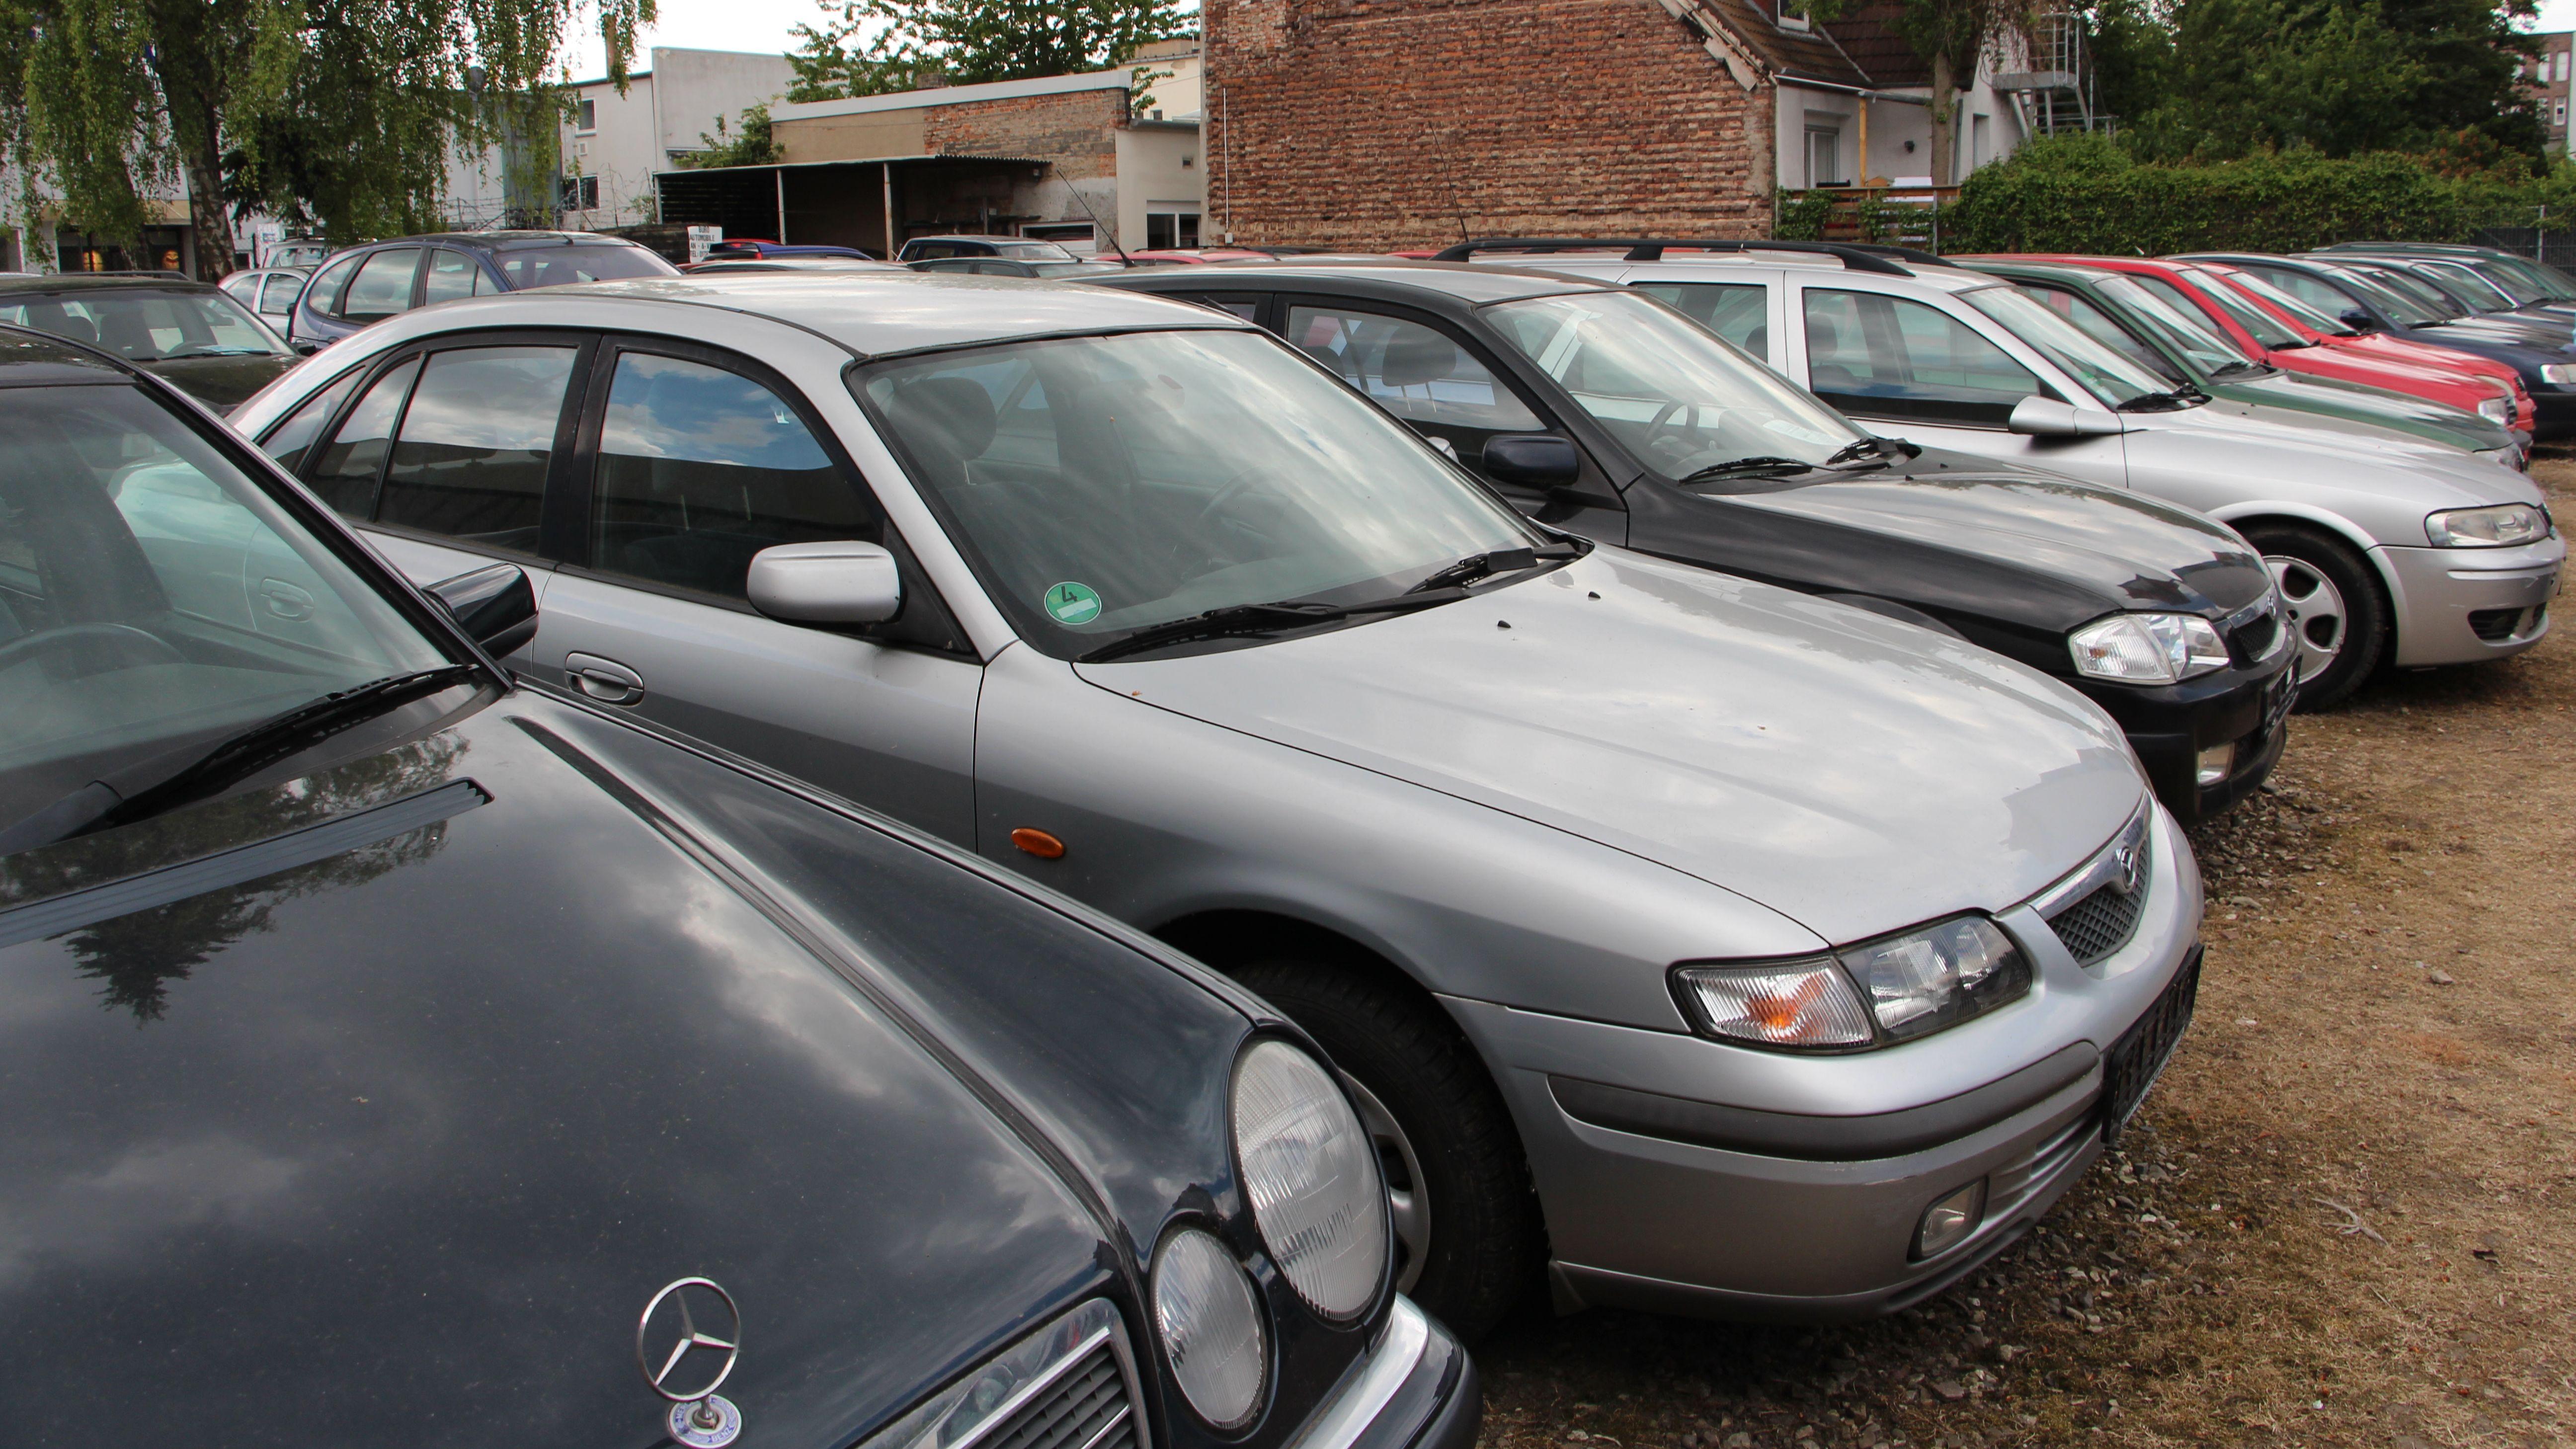 Az autó csatlakoztatása az internethez Bluetooth funkcióval rendelkező telefonon keresztül